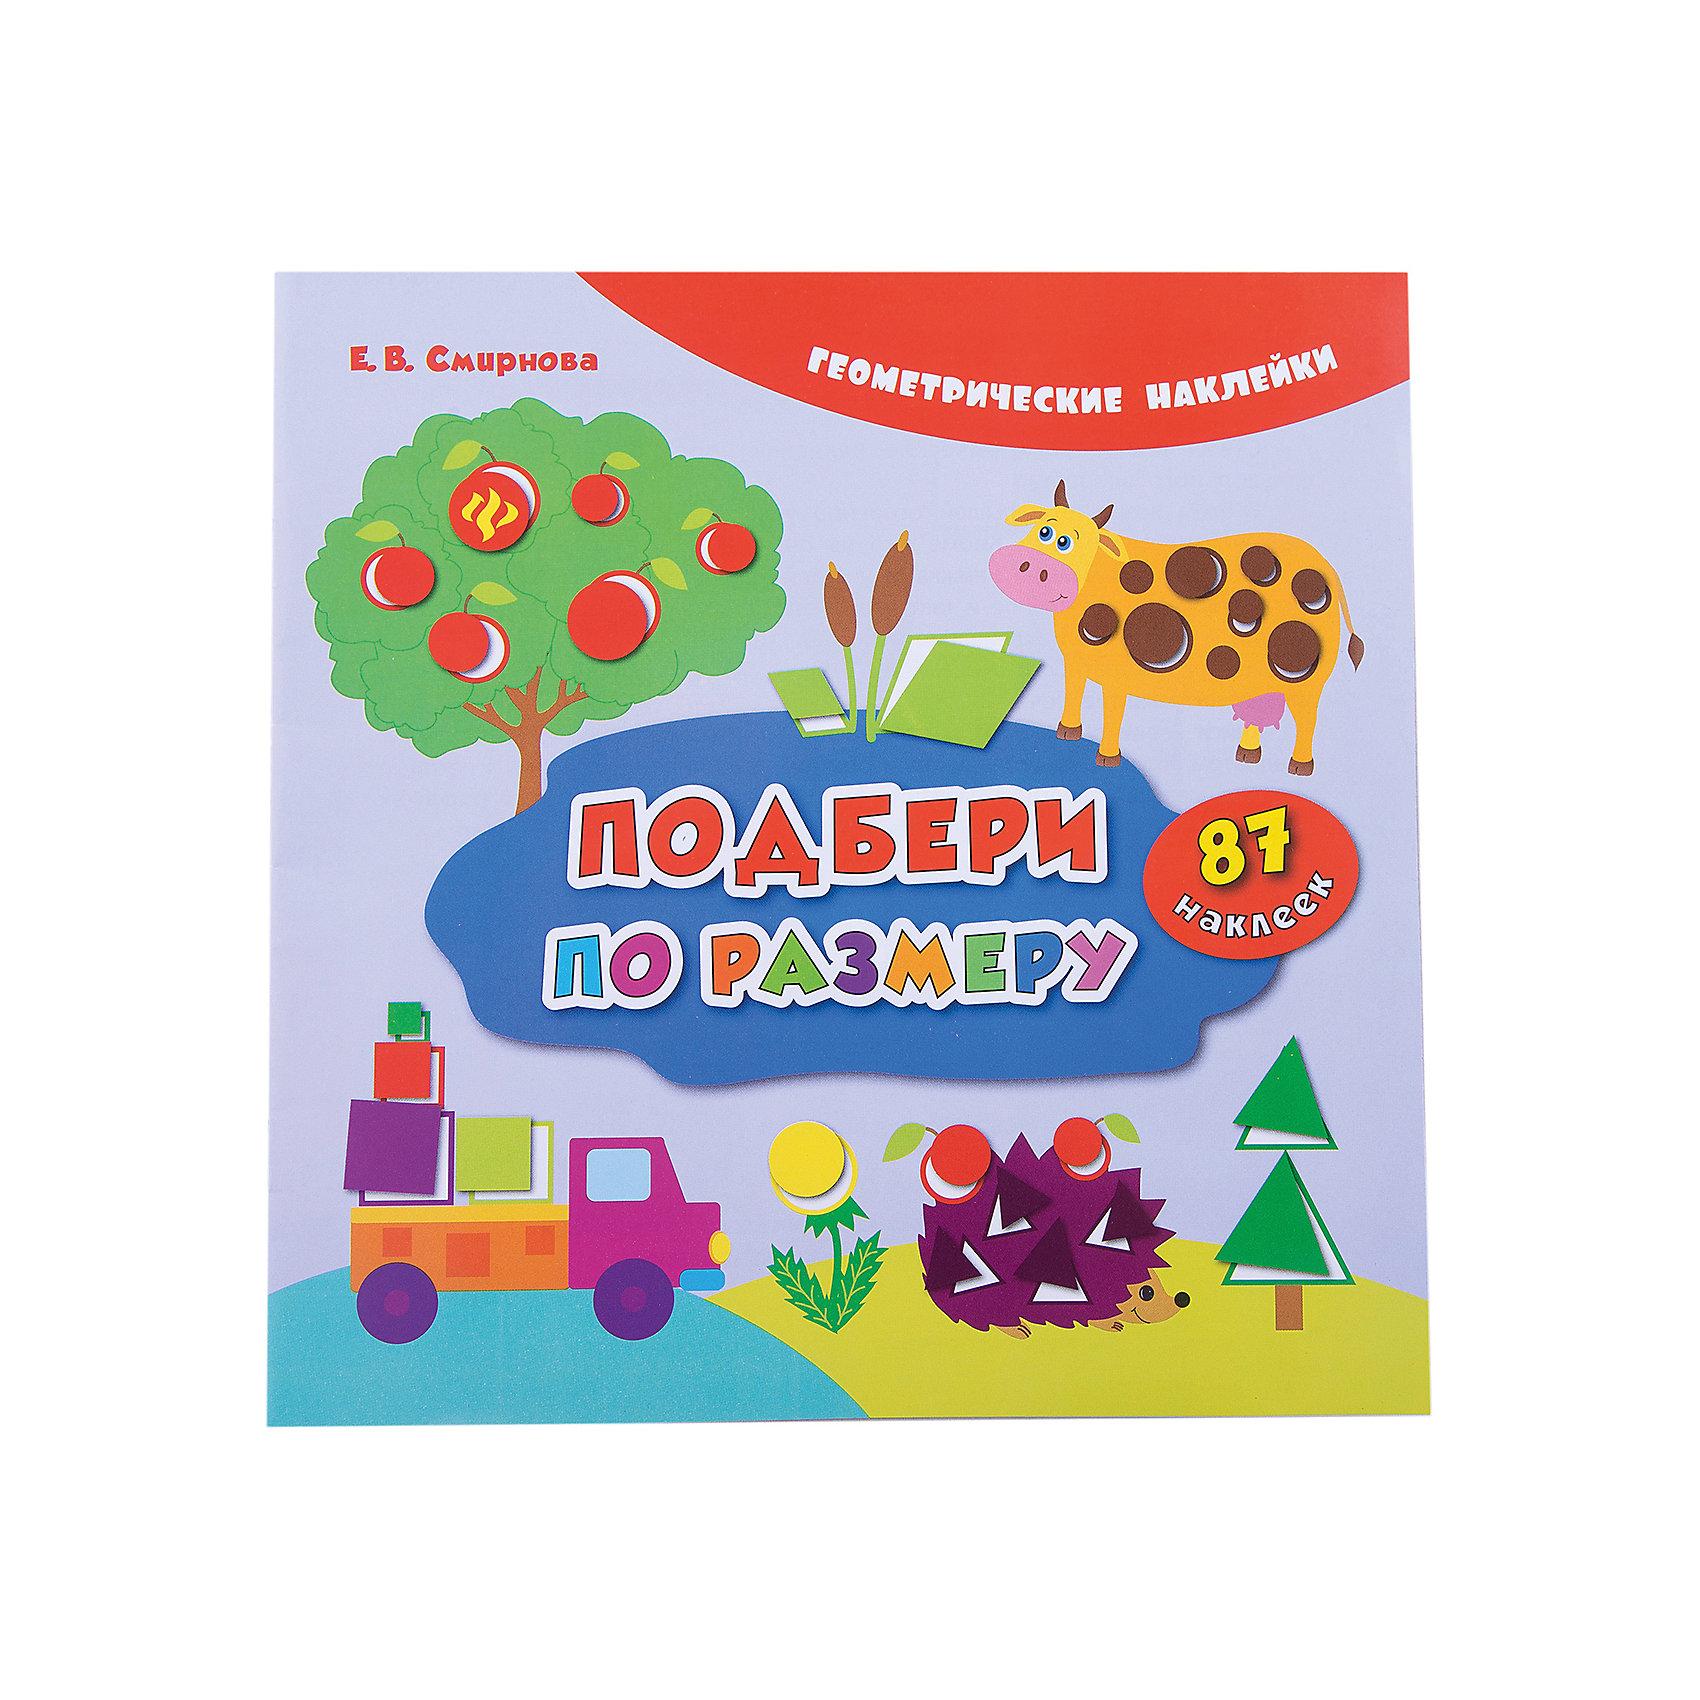 Подбери по размеруРазвивающие книги<br>Данная книга познакомит детей с такими геометрическими фигурами, как квадрат, круг, треугольник и ромб. Дети научатся работать с этими фигурами: называть, узнавать на рисунке и среди окружающих предметов, искать наклейки соответствующей формы, размера и<br><br>Ширина мм: 215<br>Глубина мм: 1<br>Высота мм: 214<br>Вес г: 57<br>Возраст от месяцев: 12<br>Возраст до месяцев: 60<br>Пол: Унисекс<br>Возраст: Детский<br>SKU: 5120144